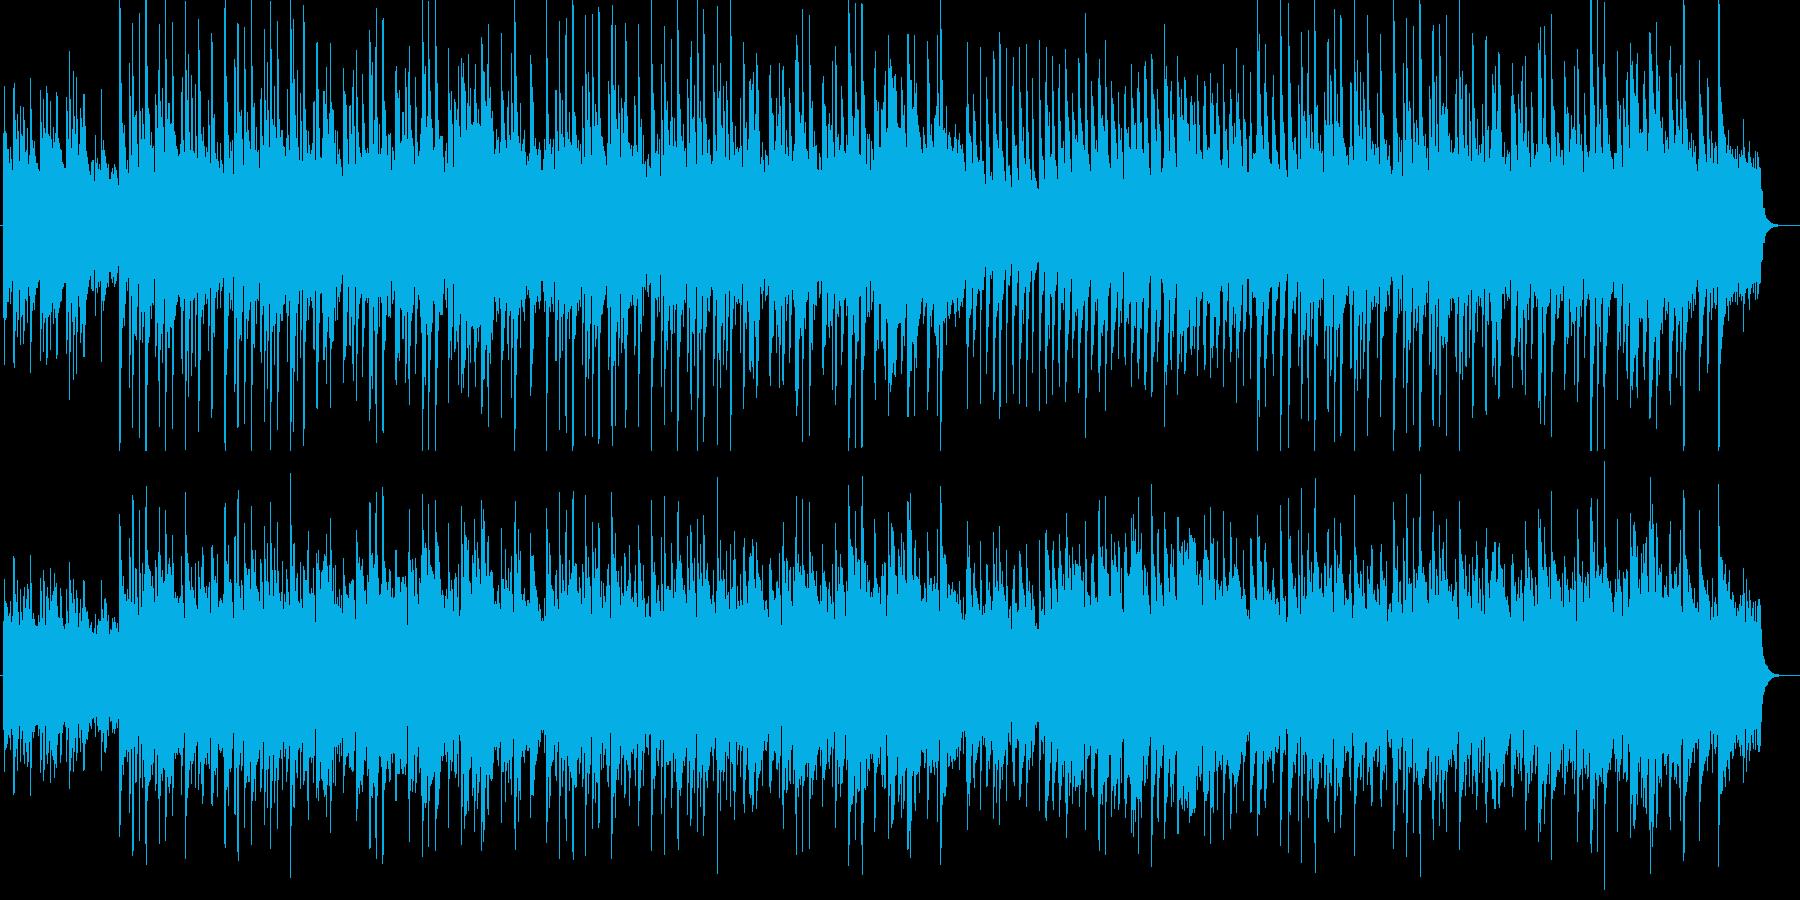 清らかで優しいイメージのピアノ曲の再生済みの波形